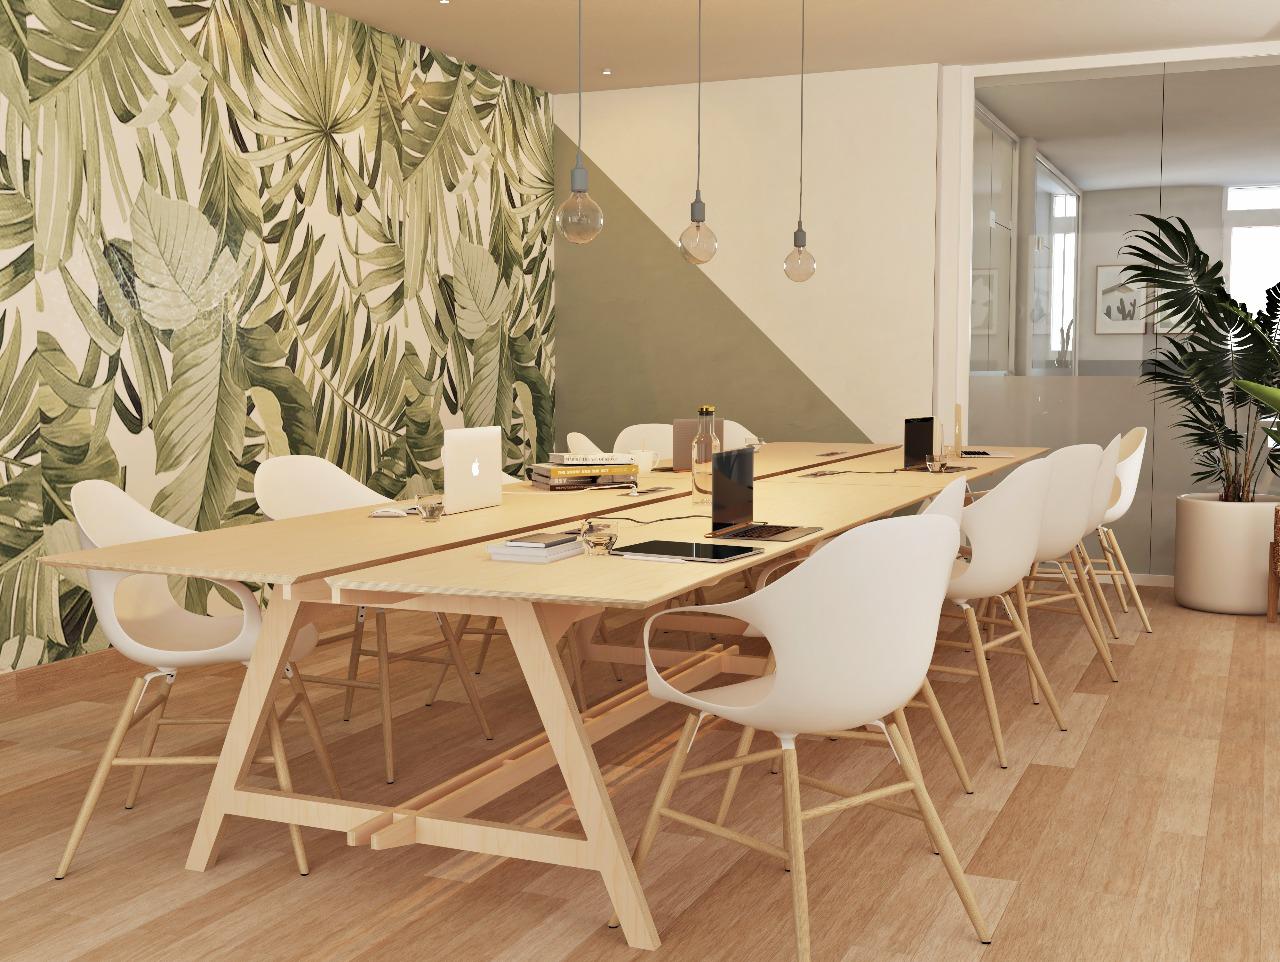 Espace de réunion formé d'une table de réunion design en bois pour 8 personnes avec une verrière, des luminaires modernes et un papier peint au motif de jungle pour une ambiance et un style scandinave et végétal